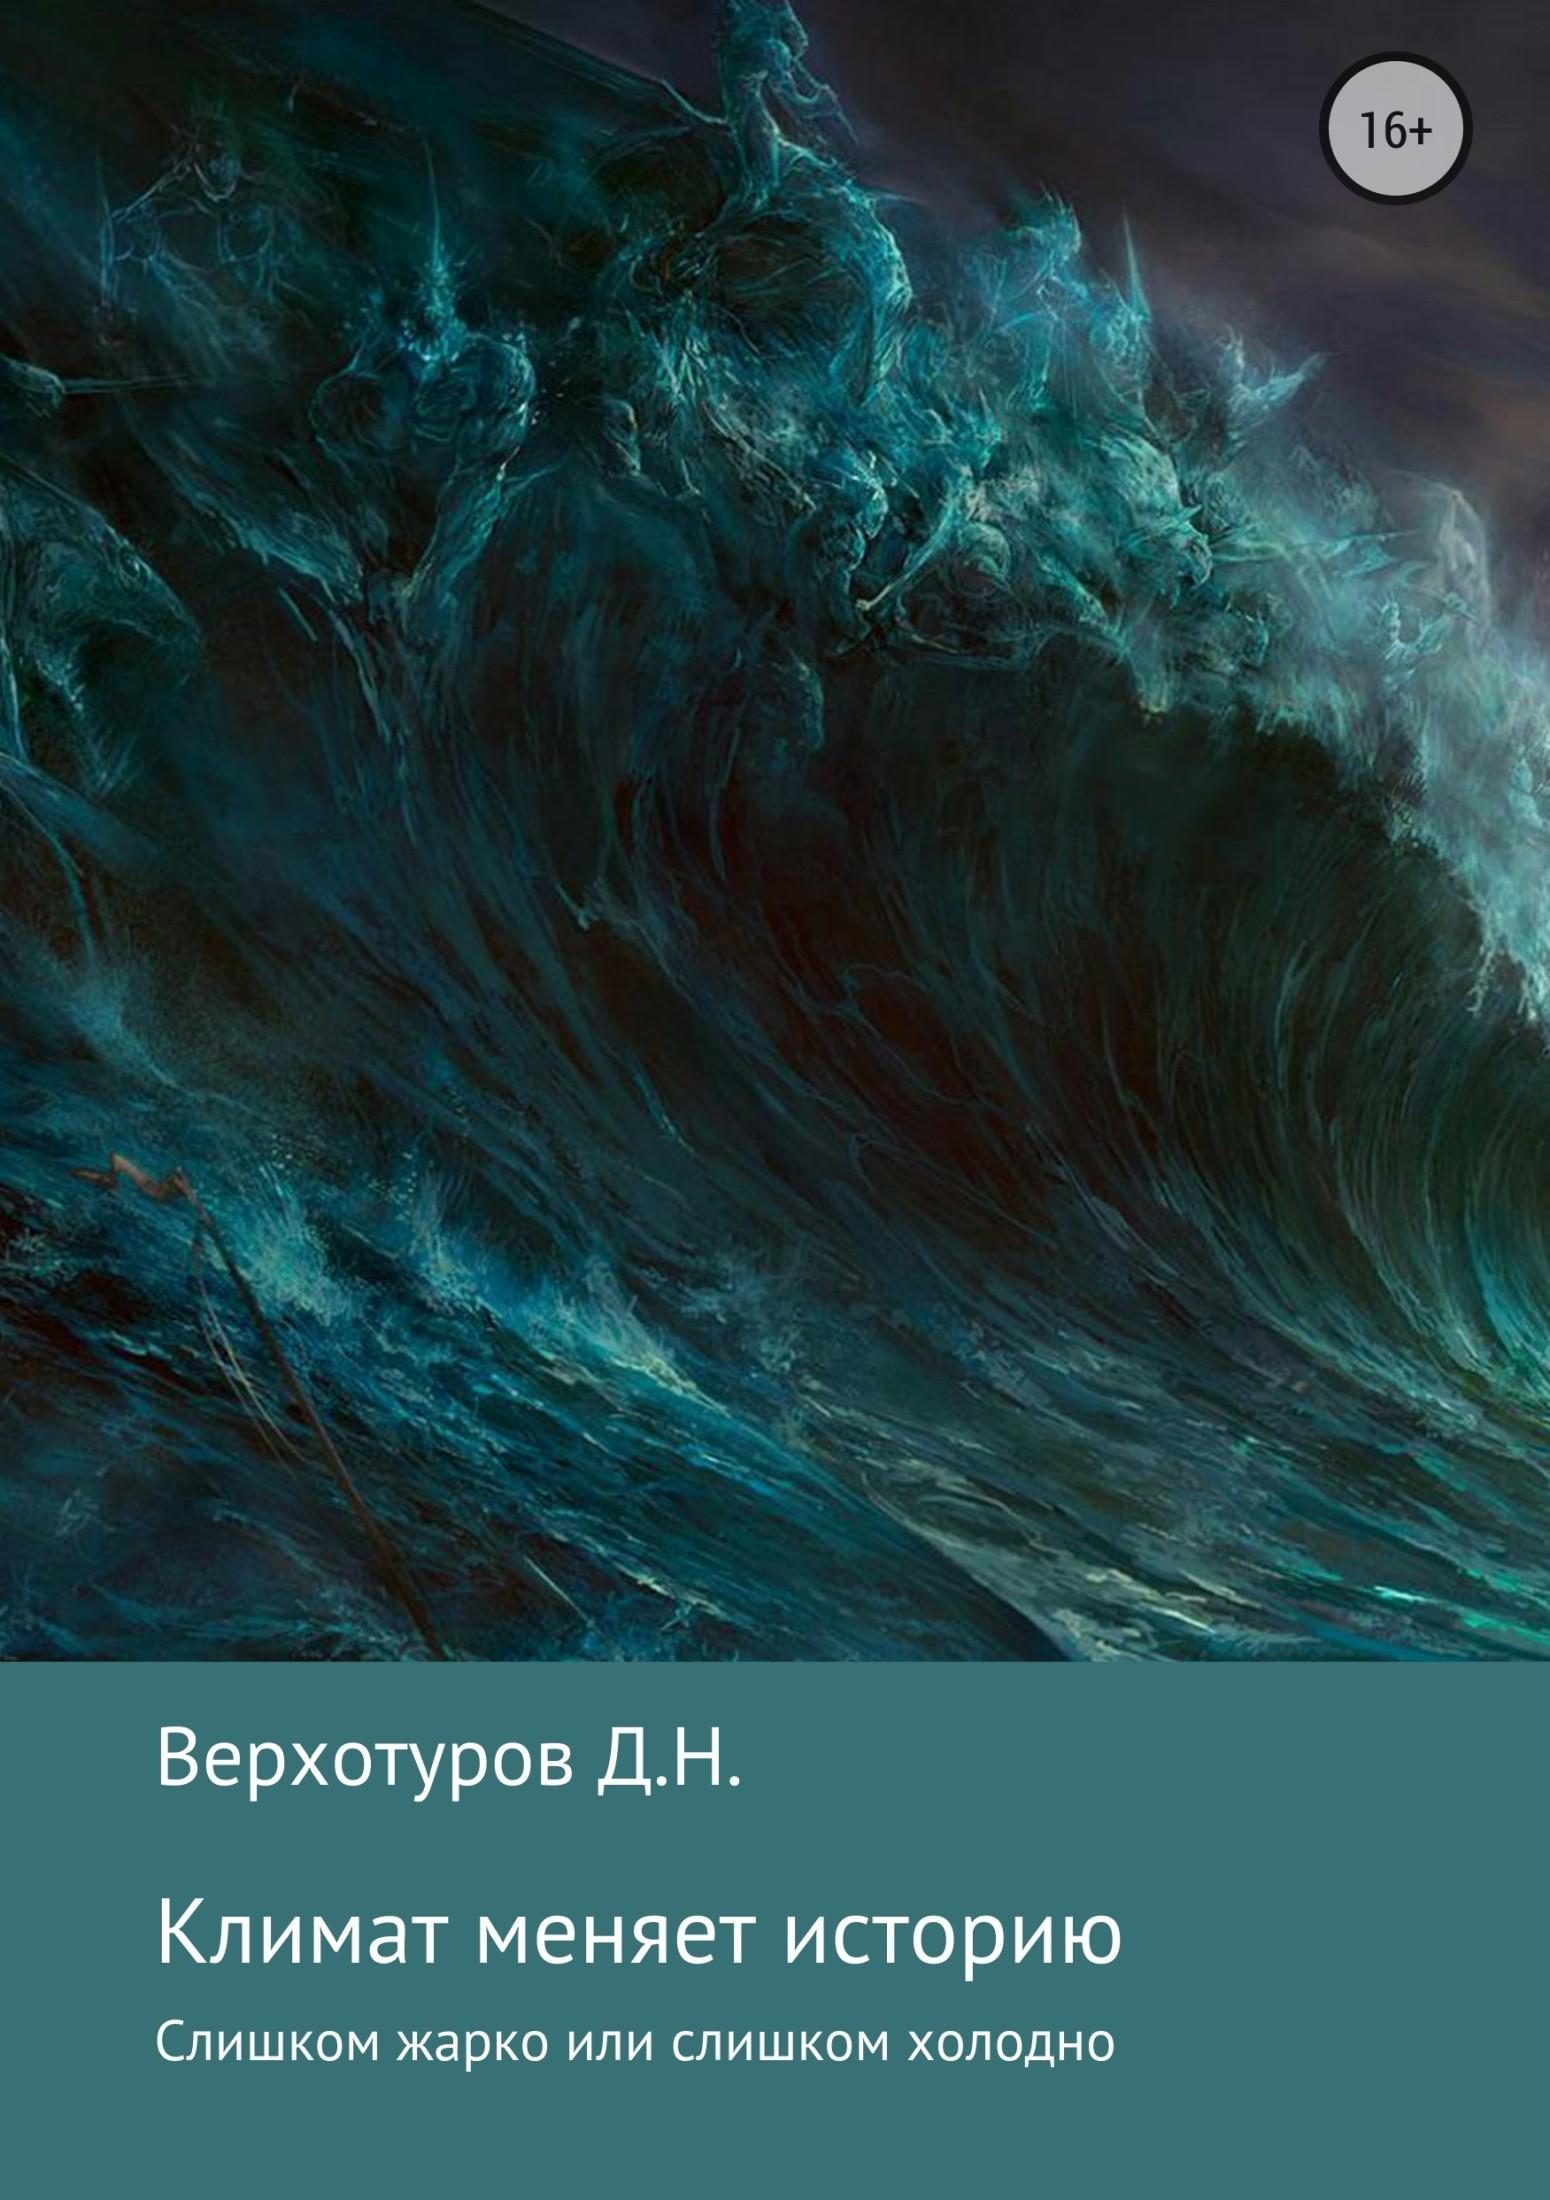 Дмитрий Николаевич Верхотуров Климат меняет историю верхотуров дмитрий николаевич покорение сибири мифы и реальность